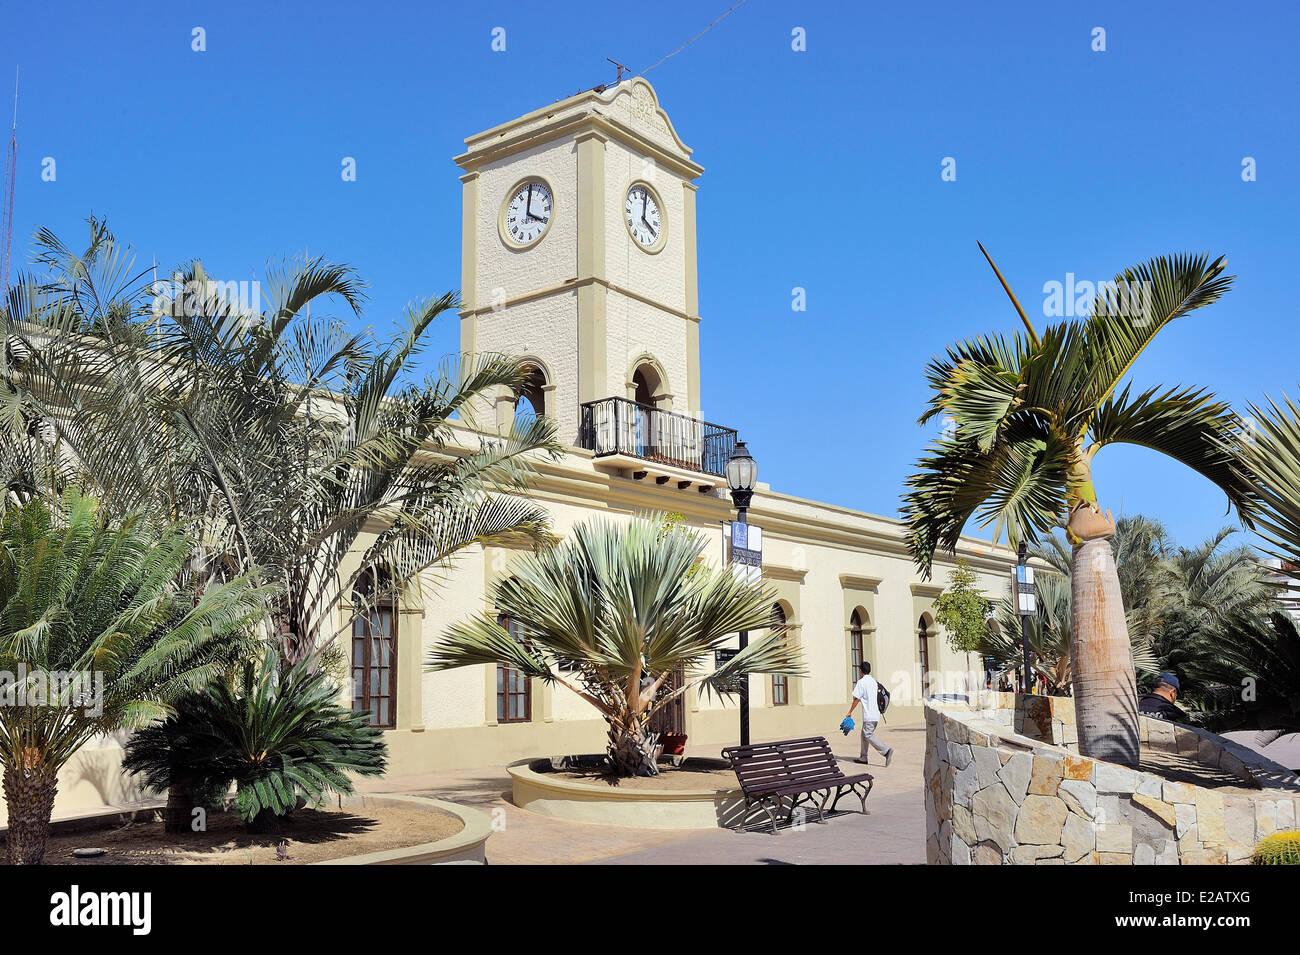 Le Mexique, l'État de Baja California Sur, San Jose del Cabo, l'hôtel de ville Photo Stock